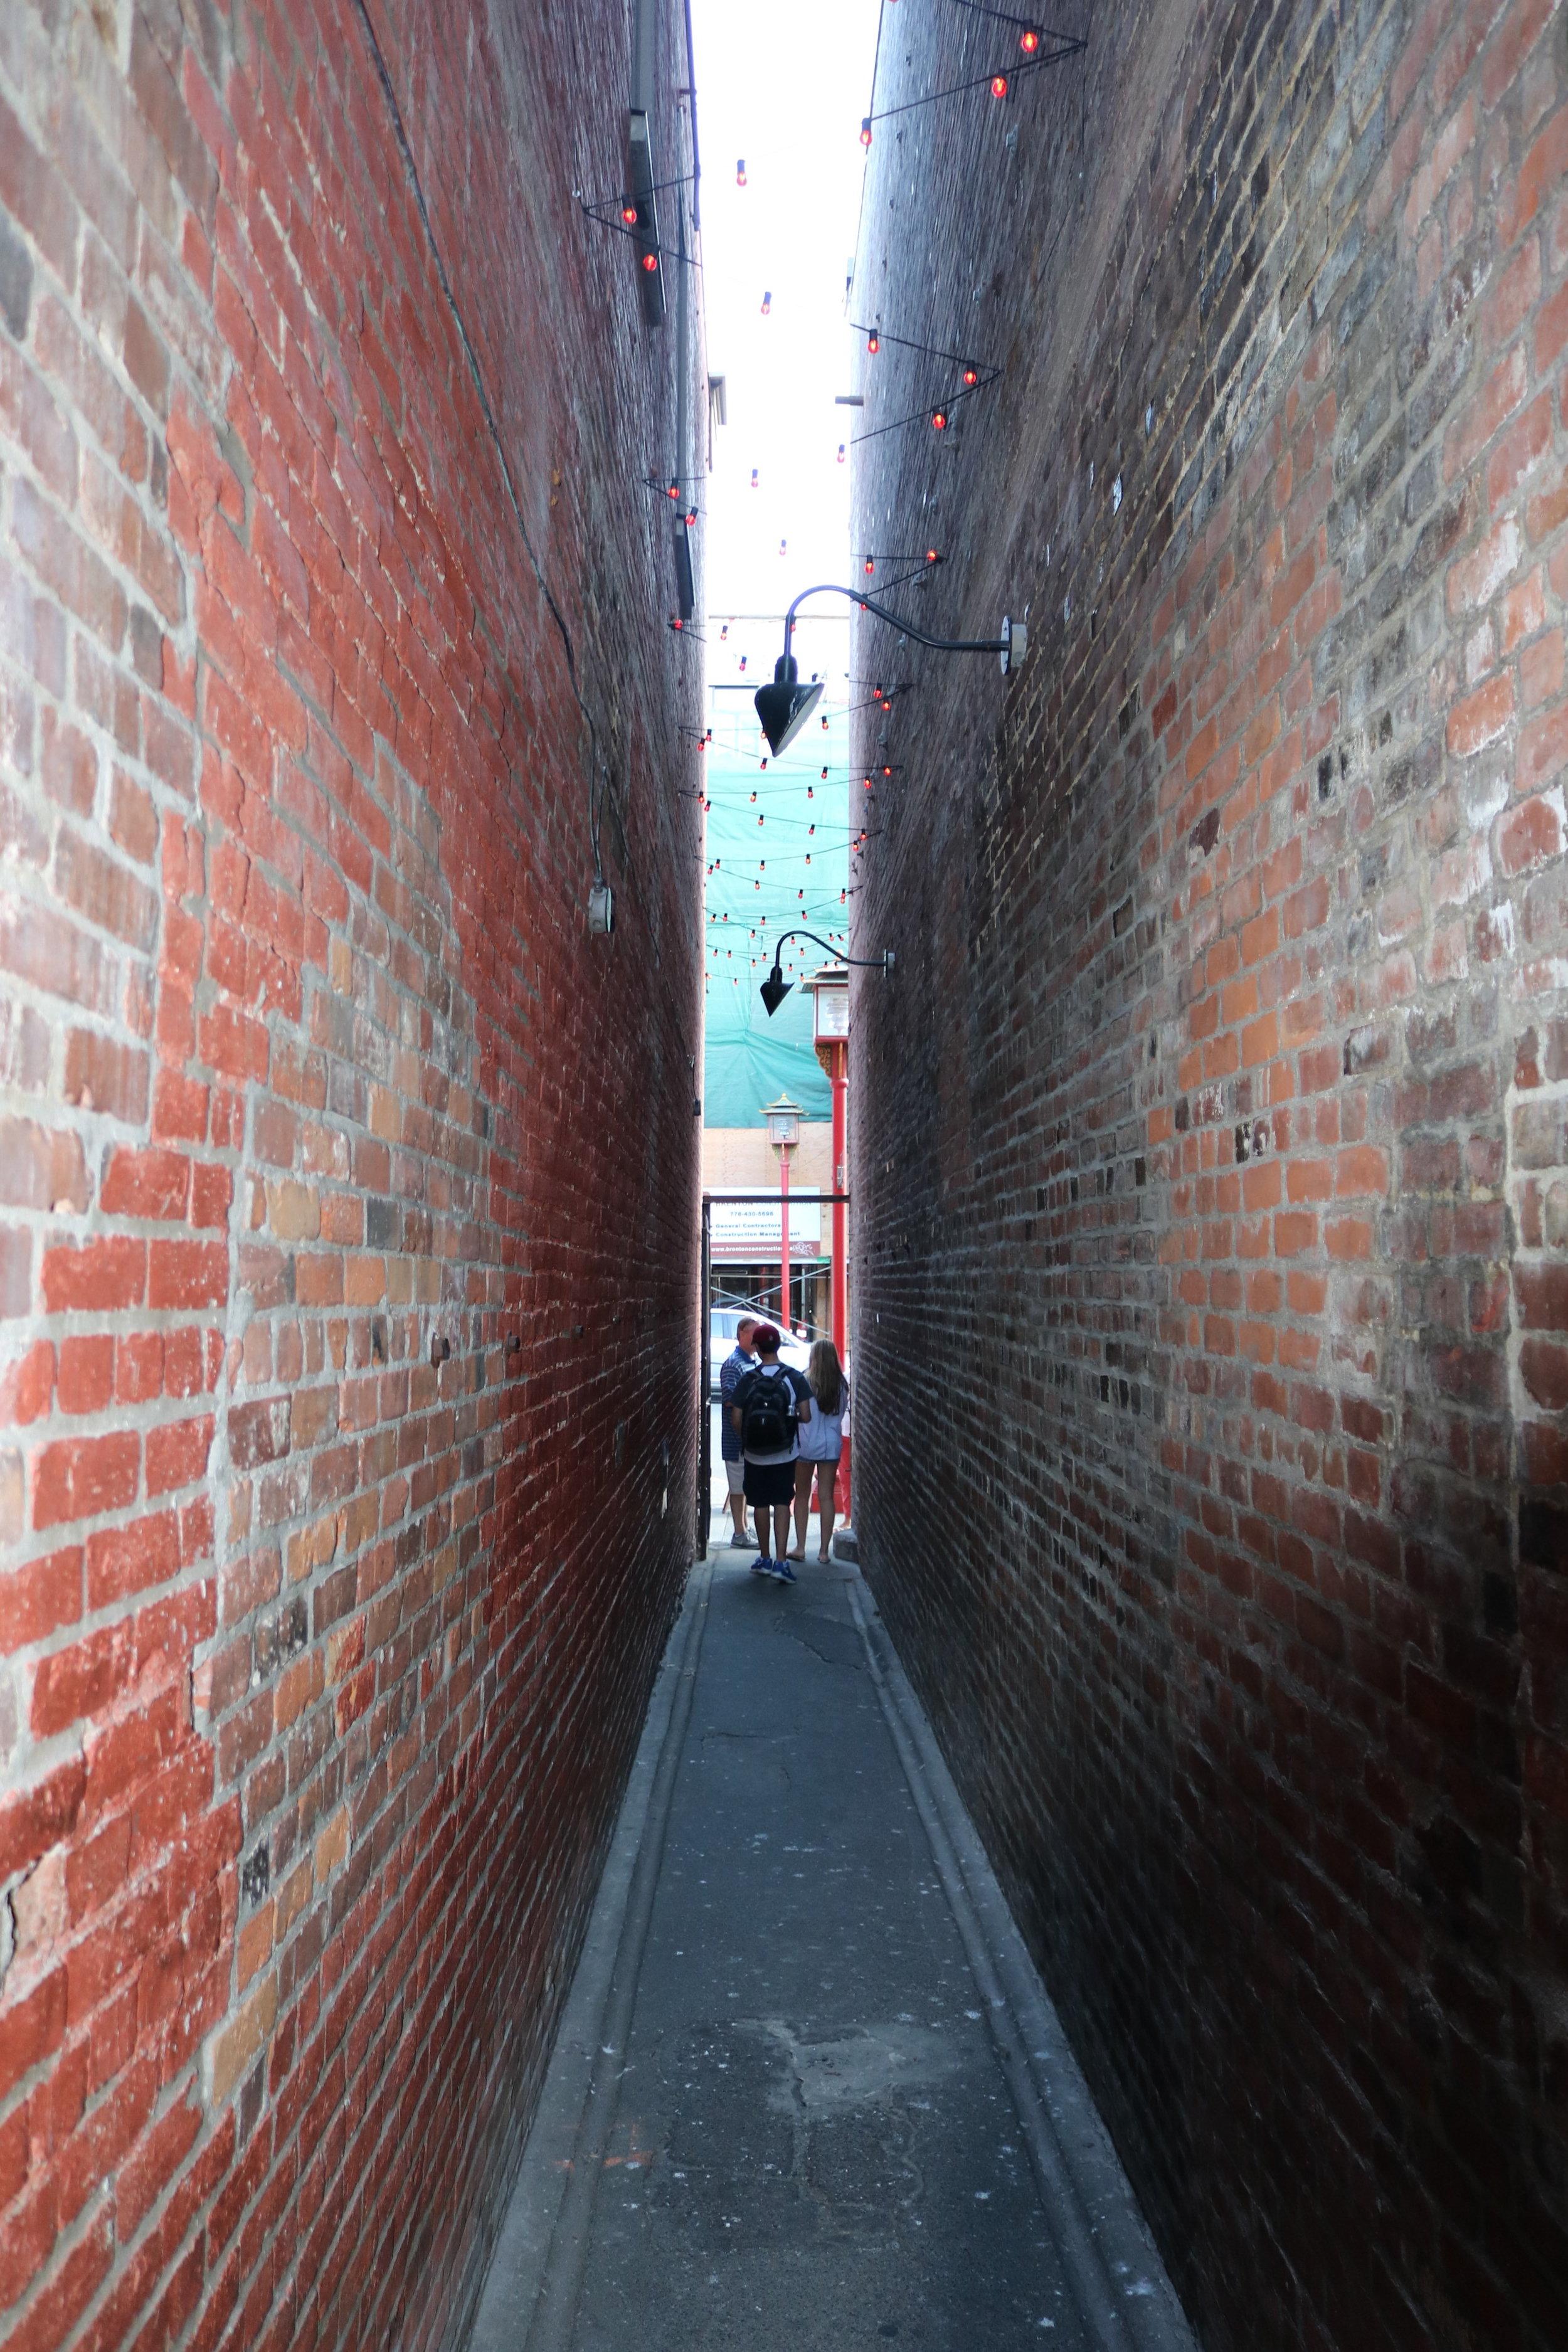 Fan Tan Alley is the narrowest street in Canada